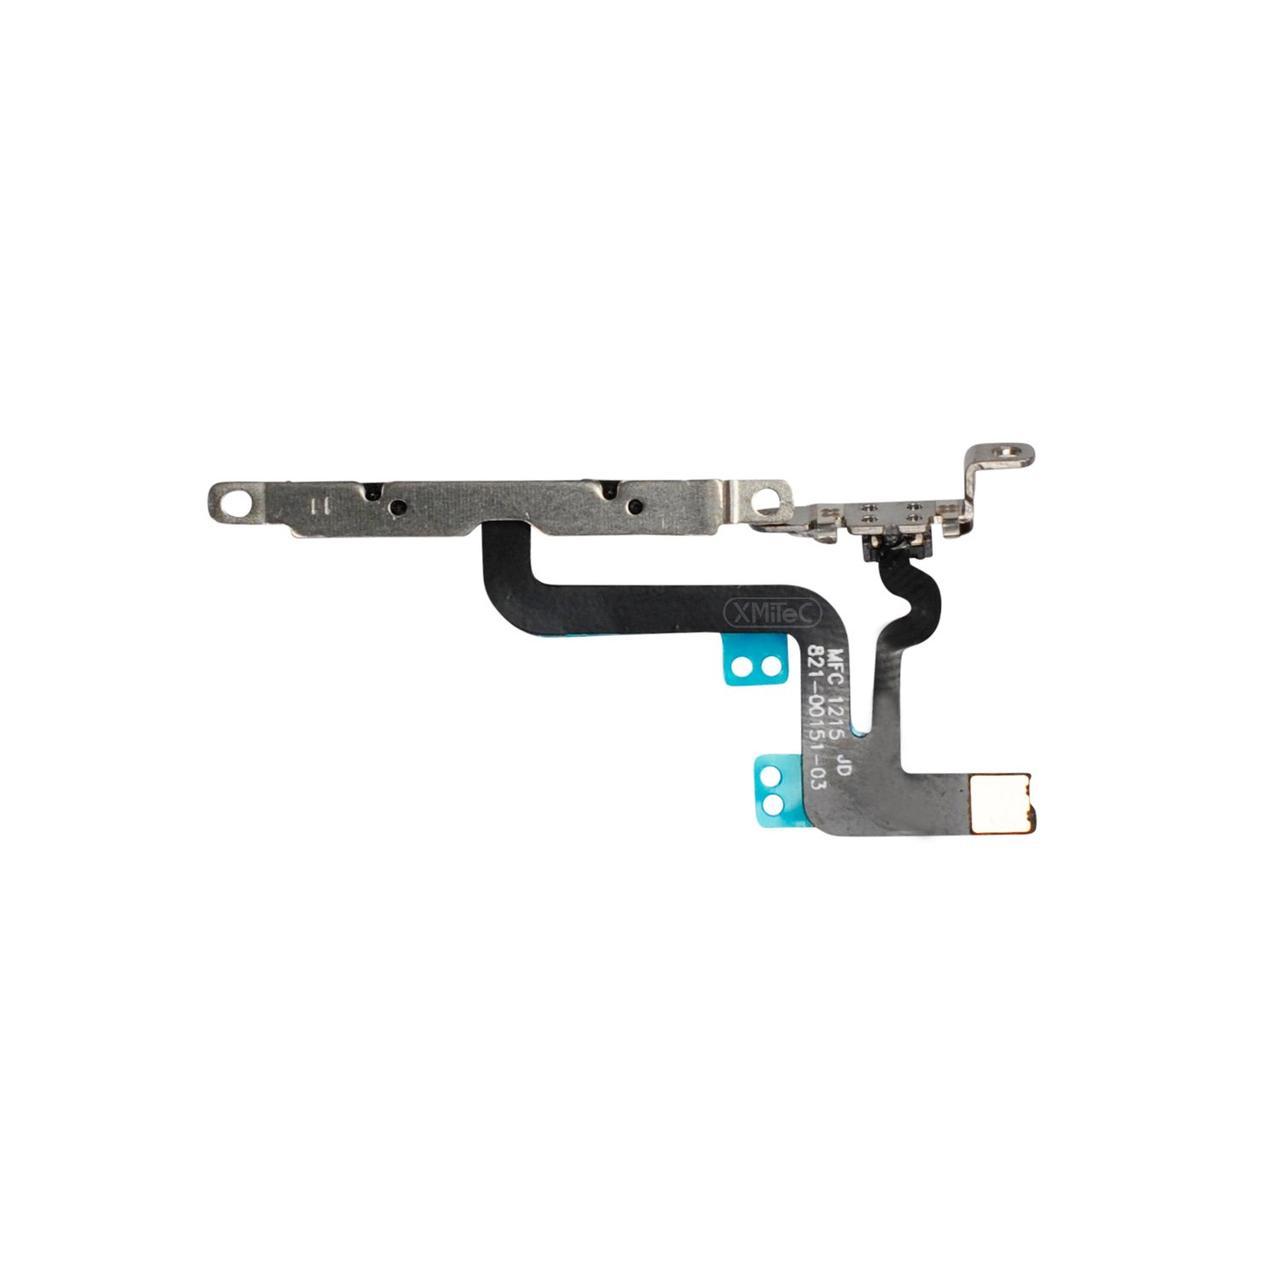 Кнопка громкости для iPhone 6S Plus - XMITEC